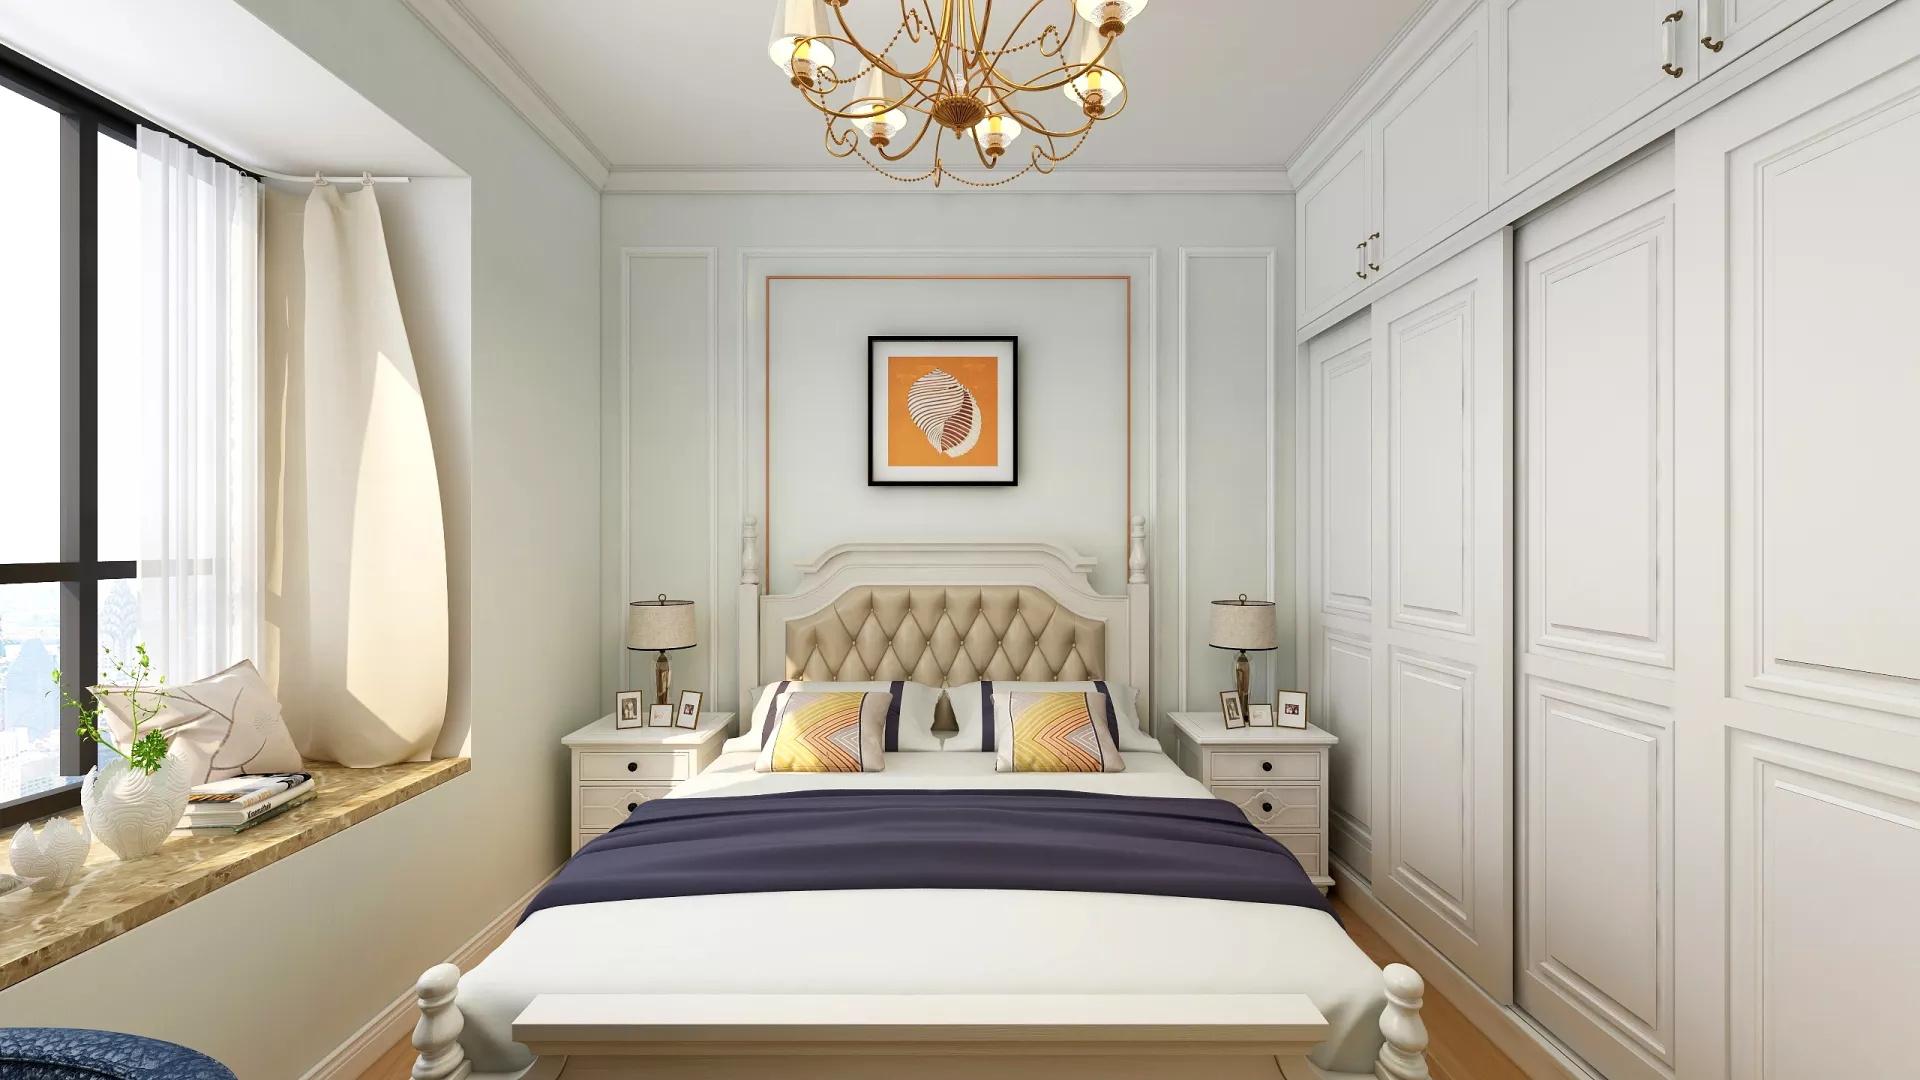 宜家风格简洁舒适型卧室装修效果图